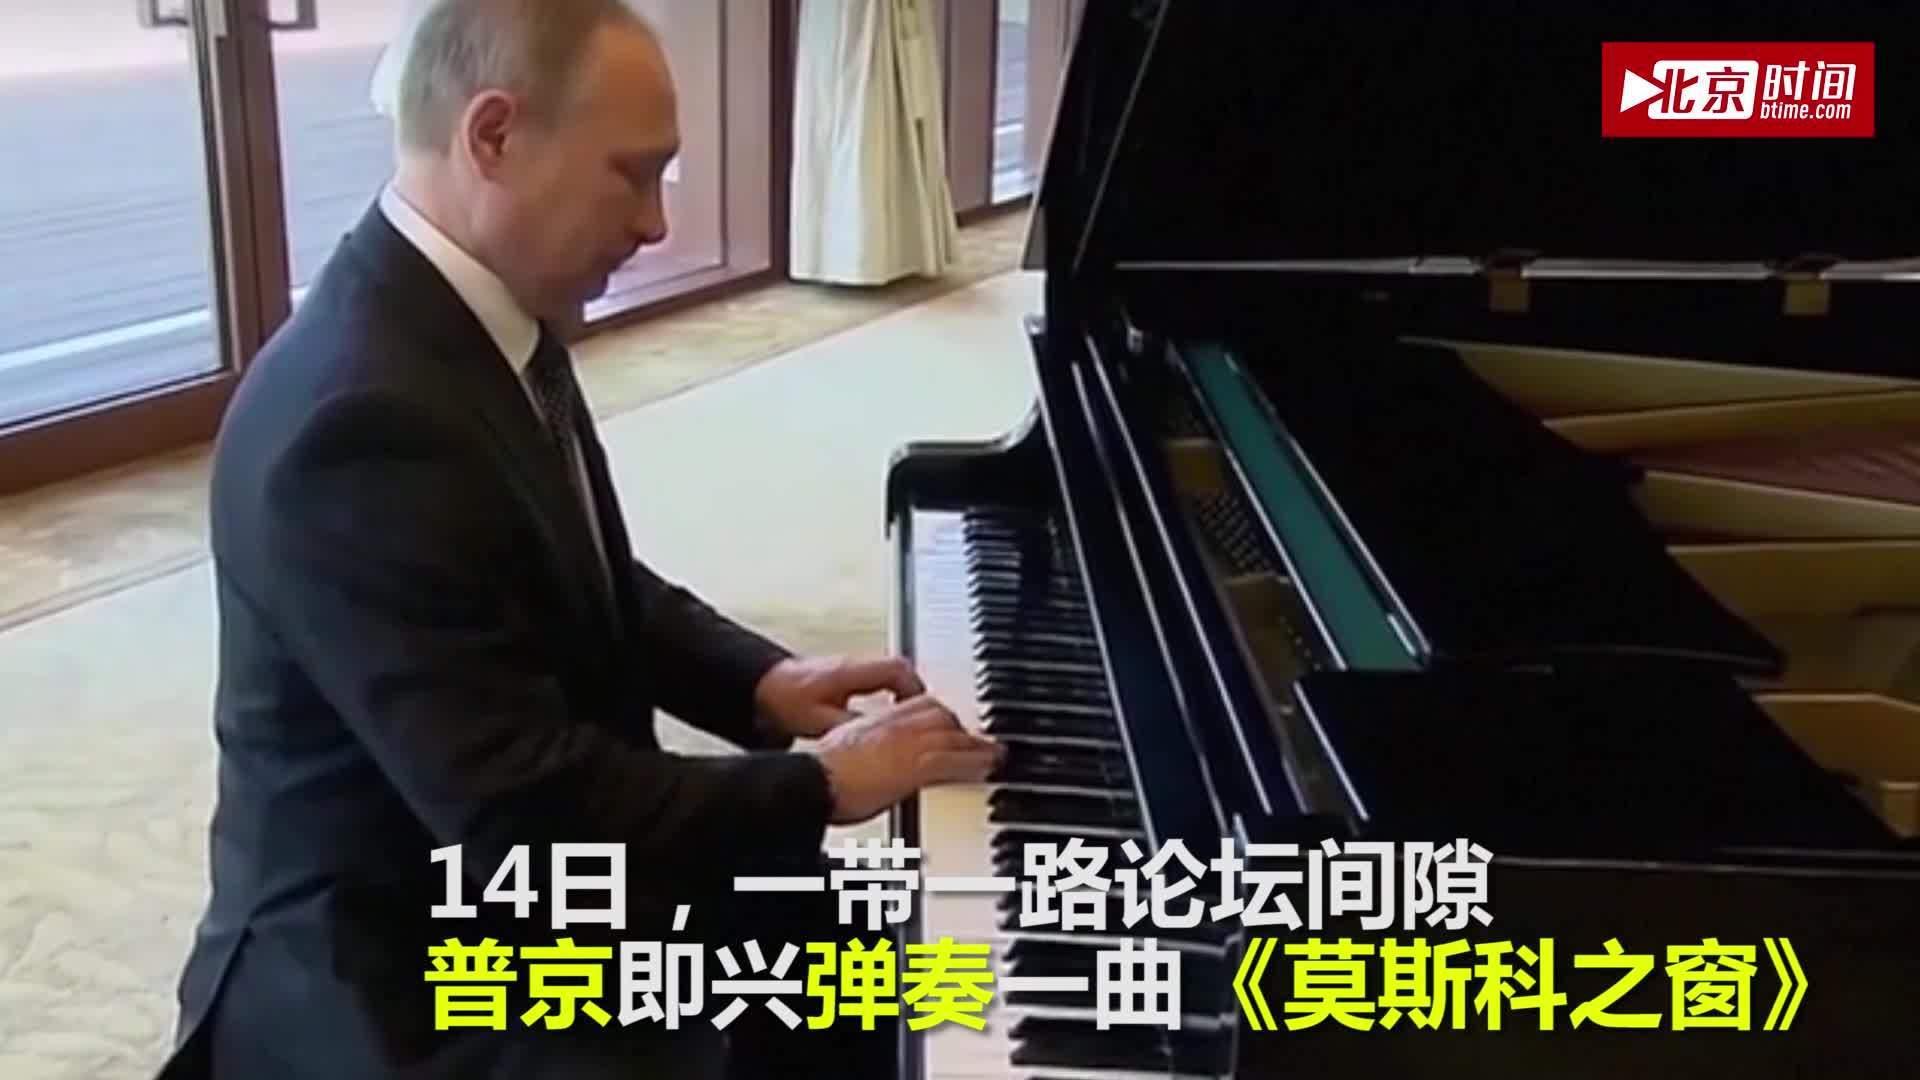 硬汉也玩小清新:普京弹钢琴再圈粉